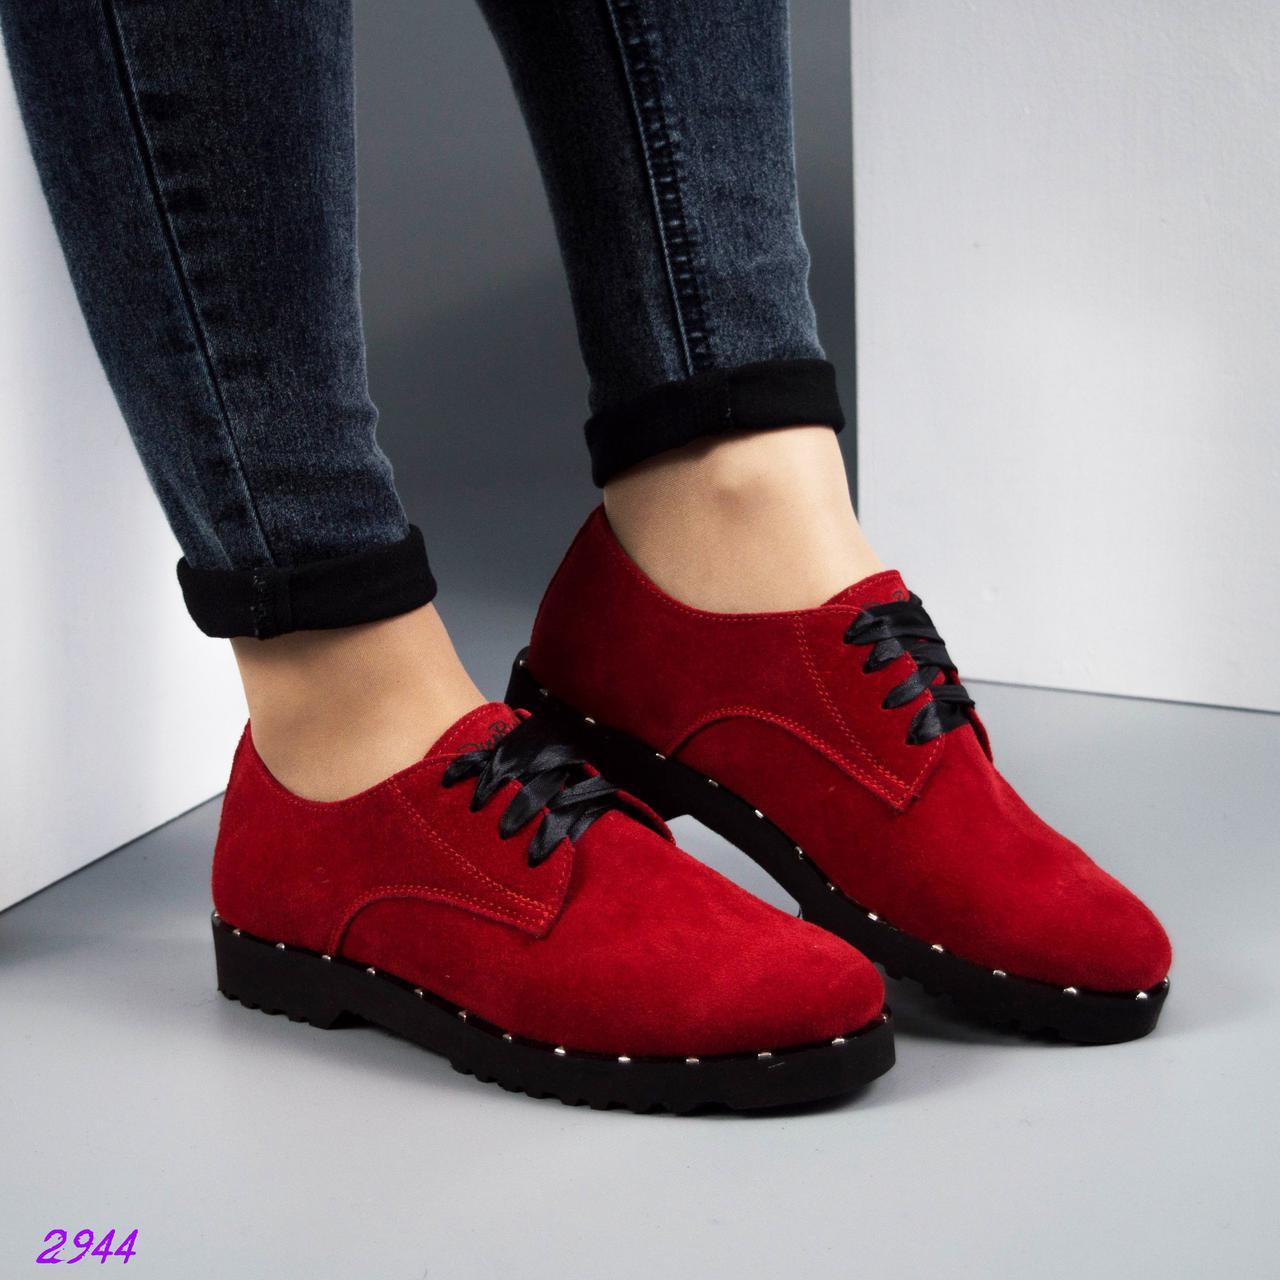 Стильные туфли с атласной шнуровкой. Цвет- красный.Размер 39